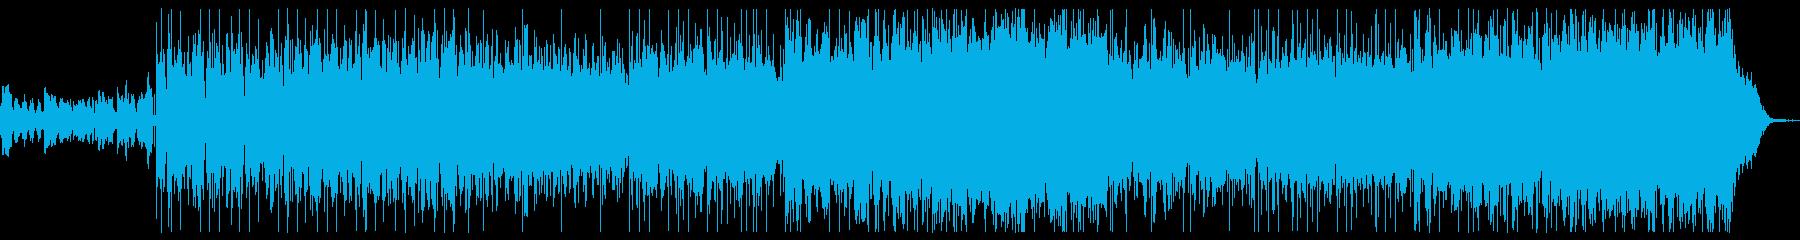 エレクトロヒップホップの再生済みの波形